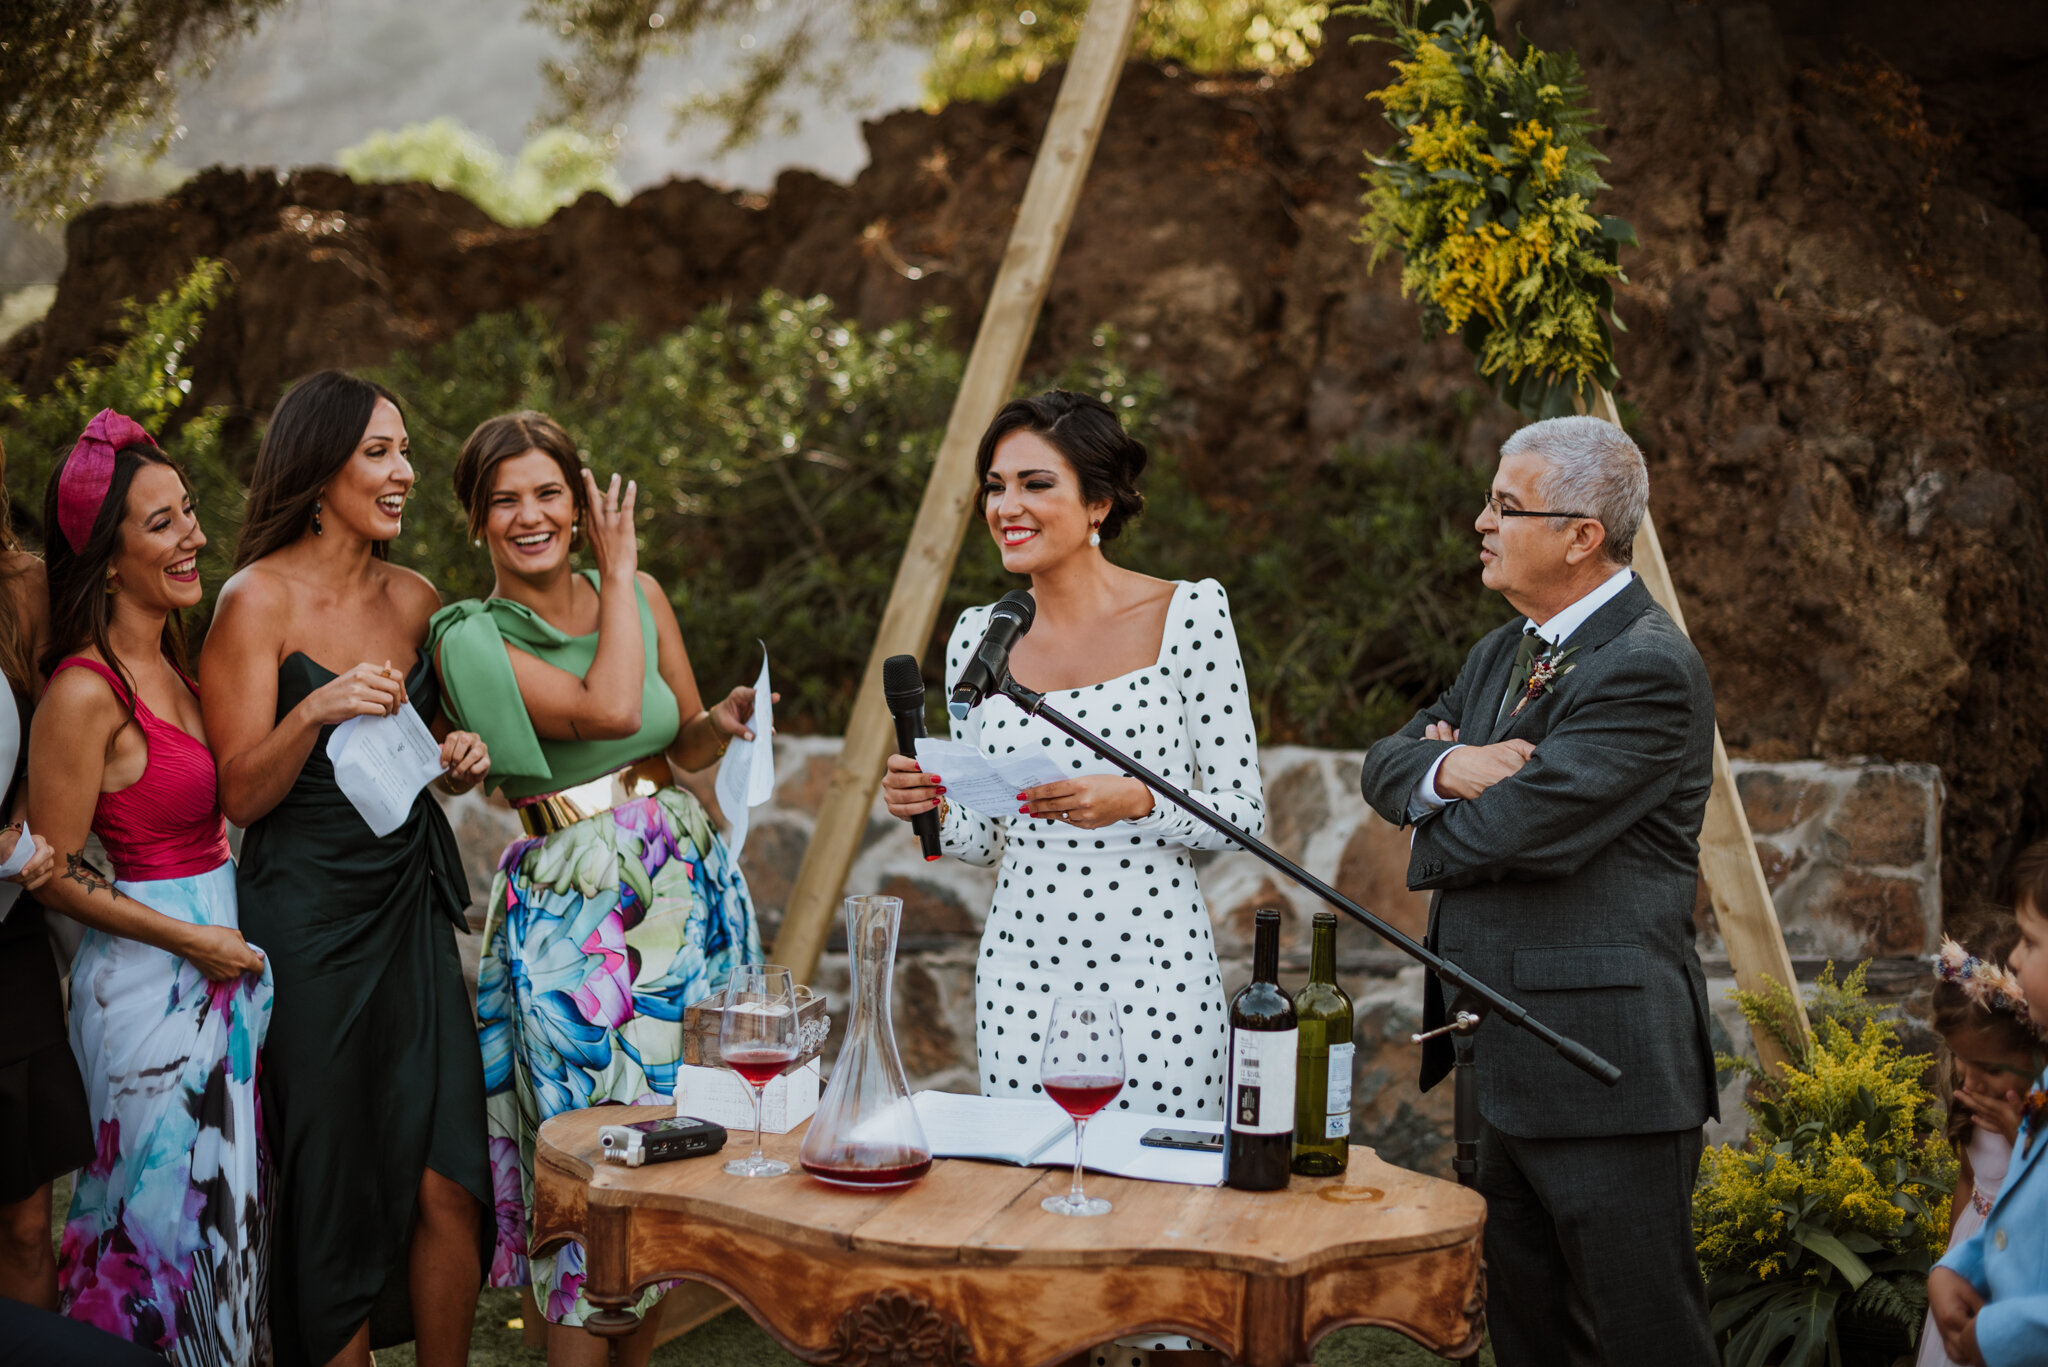 fotografo de bodas las palmas_-73.jpg